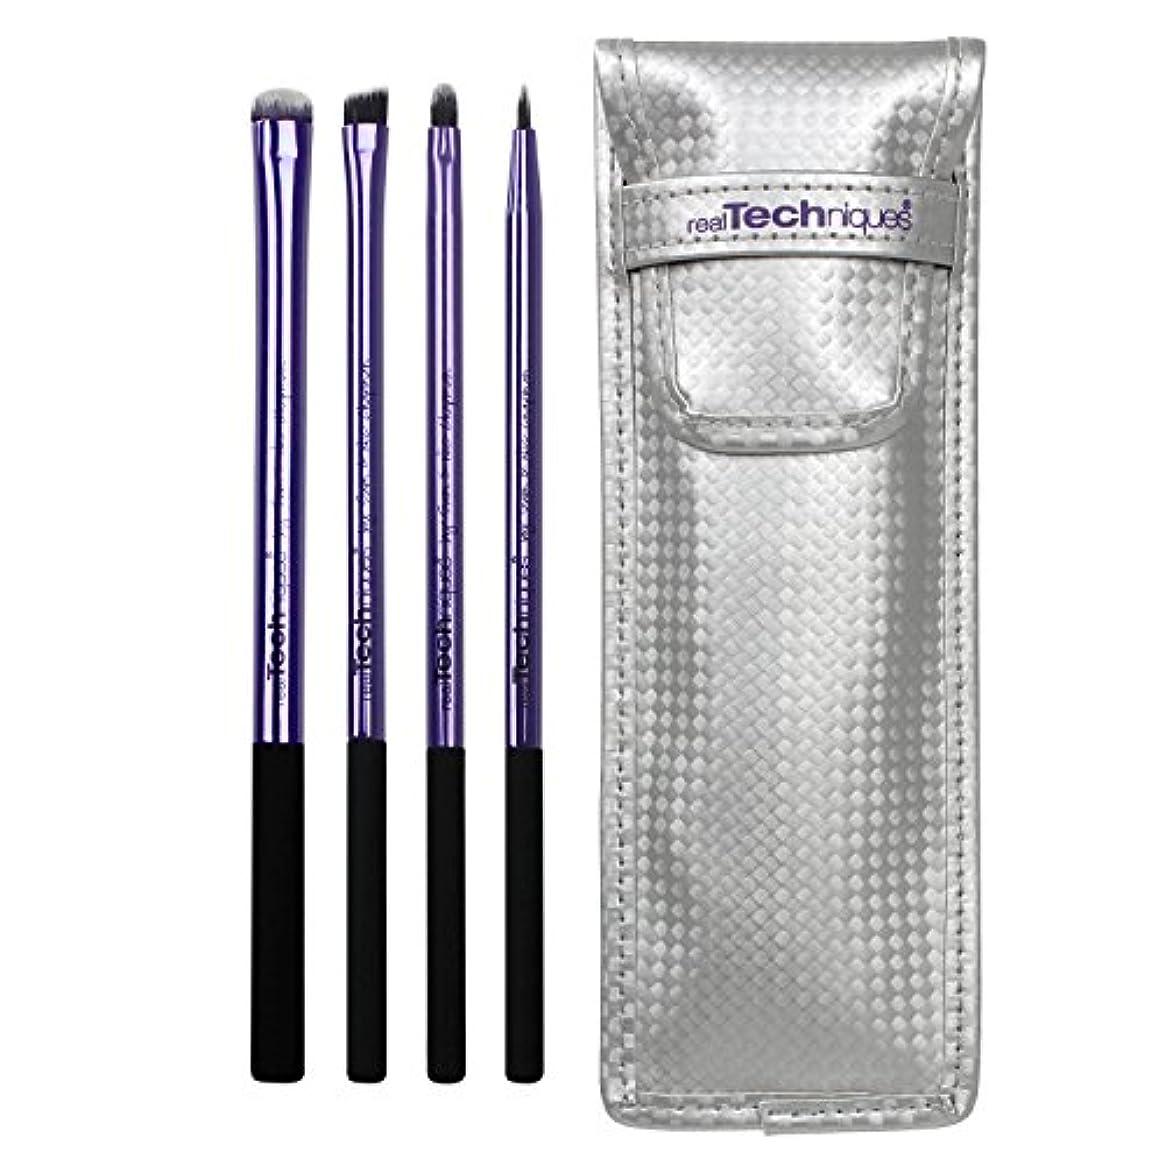 ラブ舌な年Real Techniques Limited Edition Eyelining Set Plush Synthetic Bristles (並行輸入品)